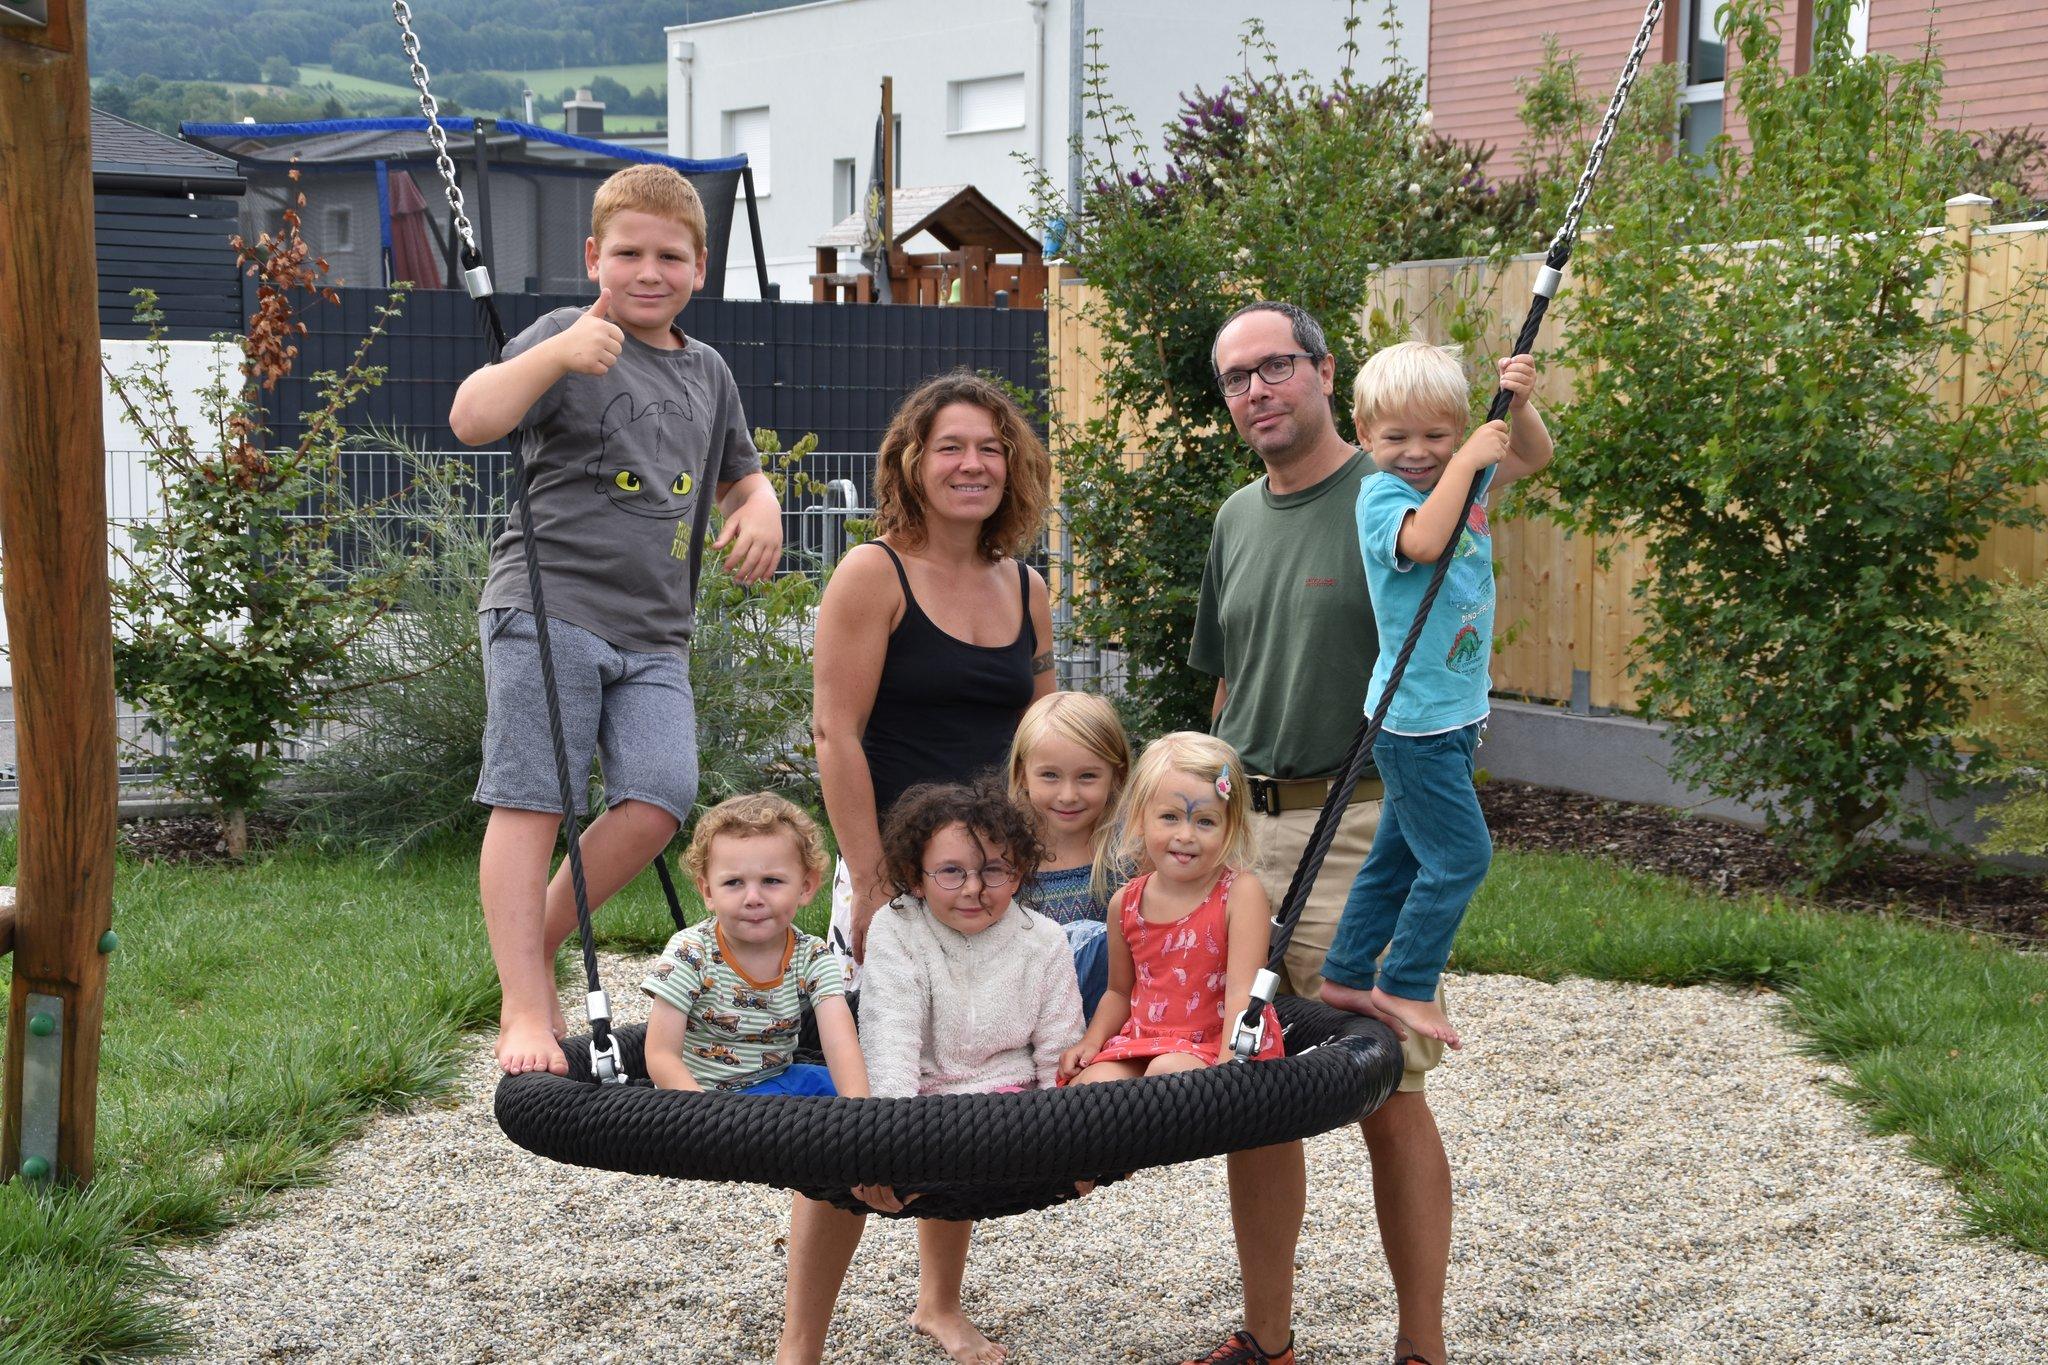 Initiative FUER - Marktgemeinde Knigstetten